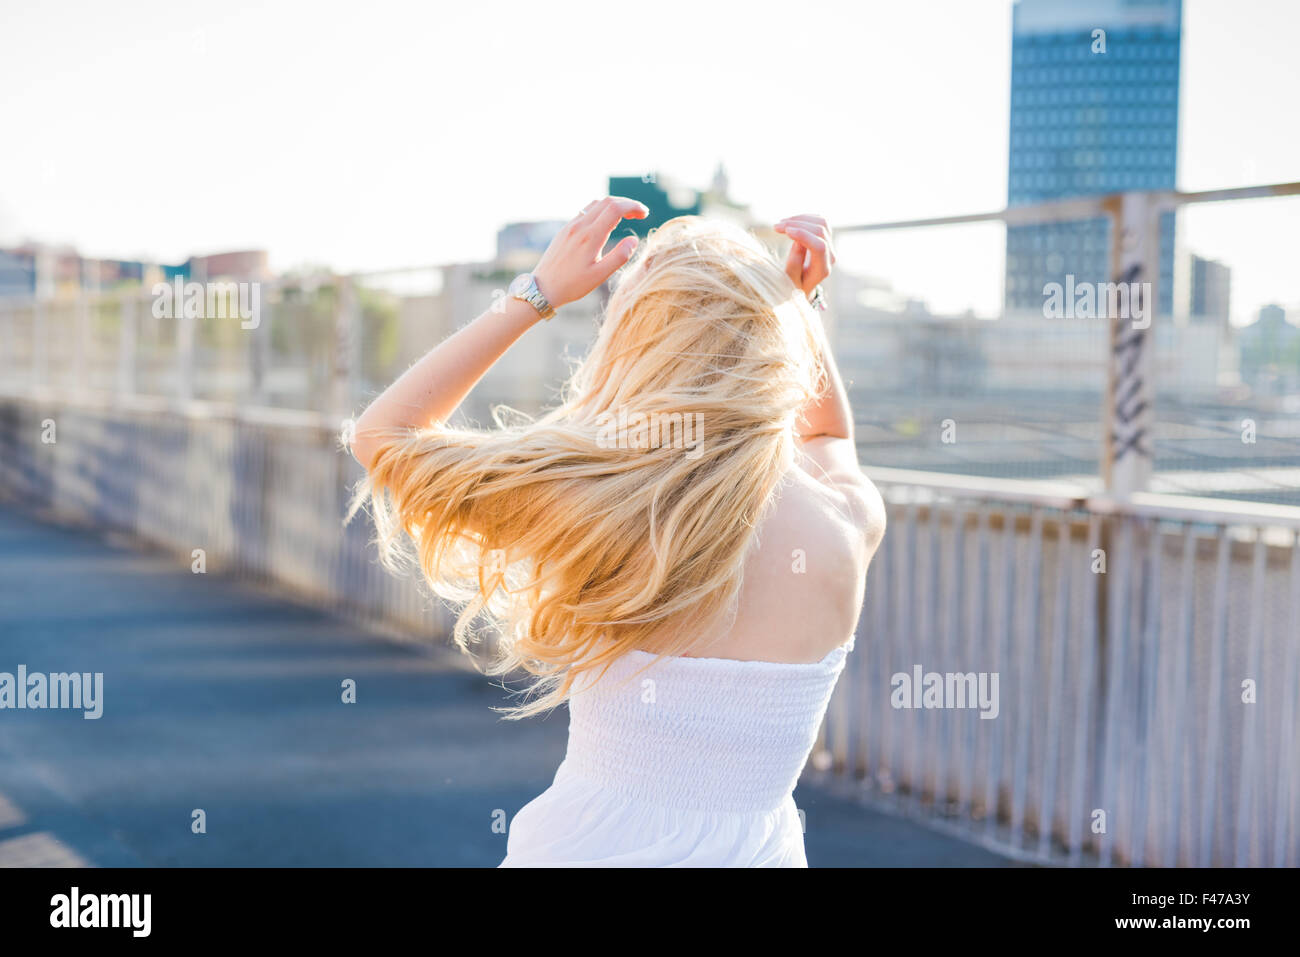 Joven apuesto caucásica rubia largo pelo recto mujer bailando en la ciudad, vista desde atrás, sintiéndose Imagen De Stock